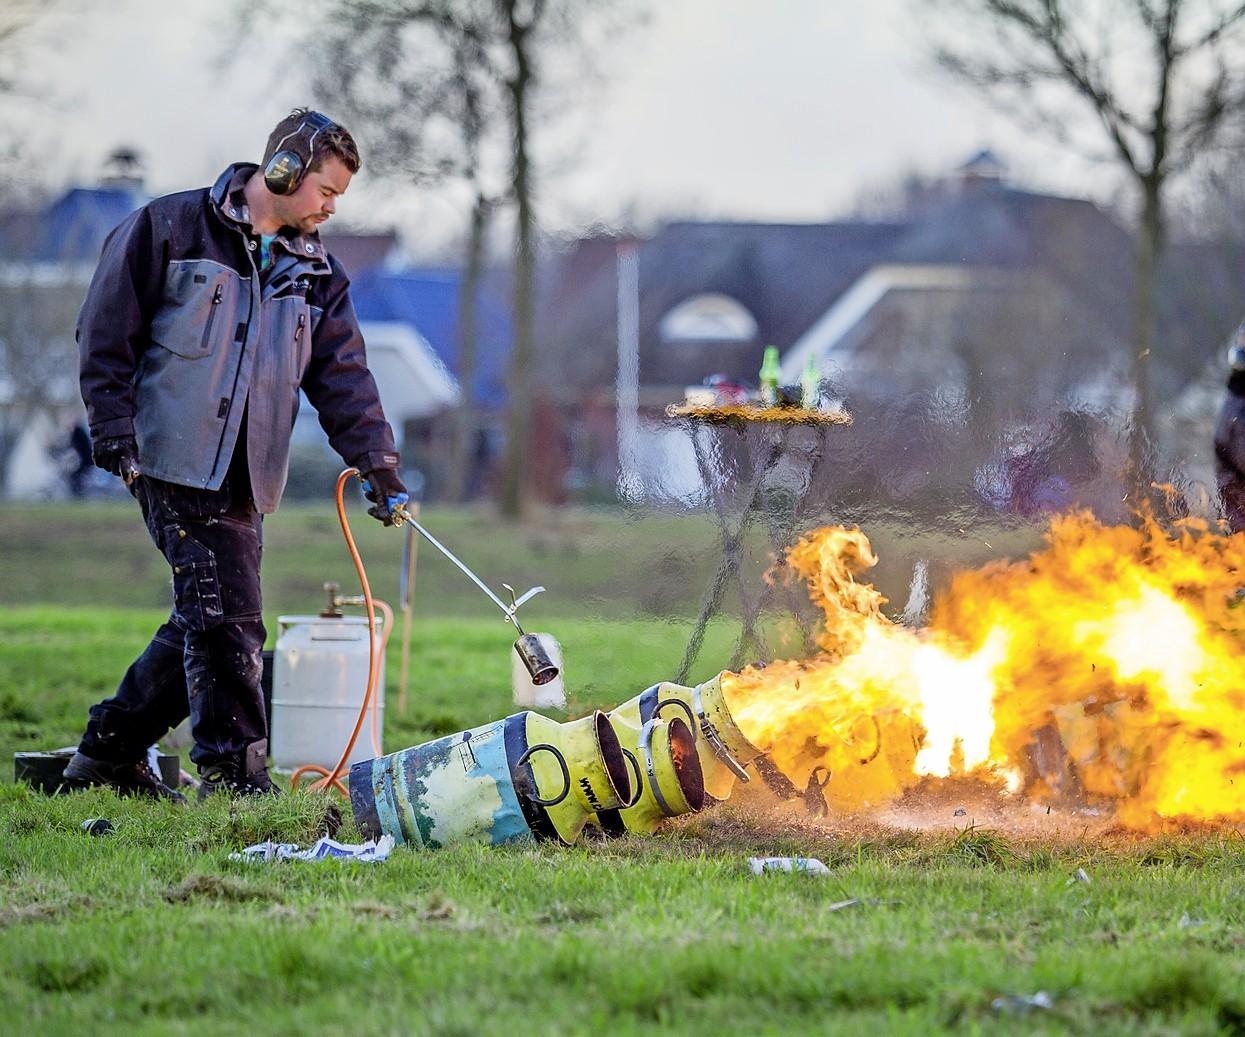 Verbod op carbidschieten in de IJmond aanstaande: krijgen we dan nu de 'klaphamer'? [video]